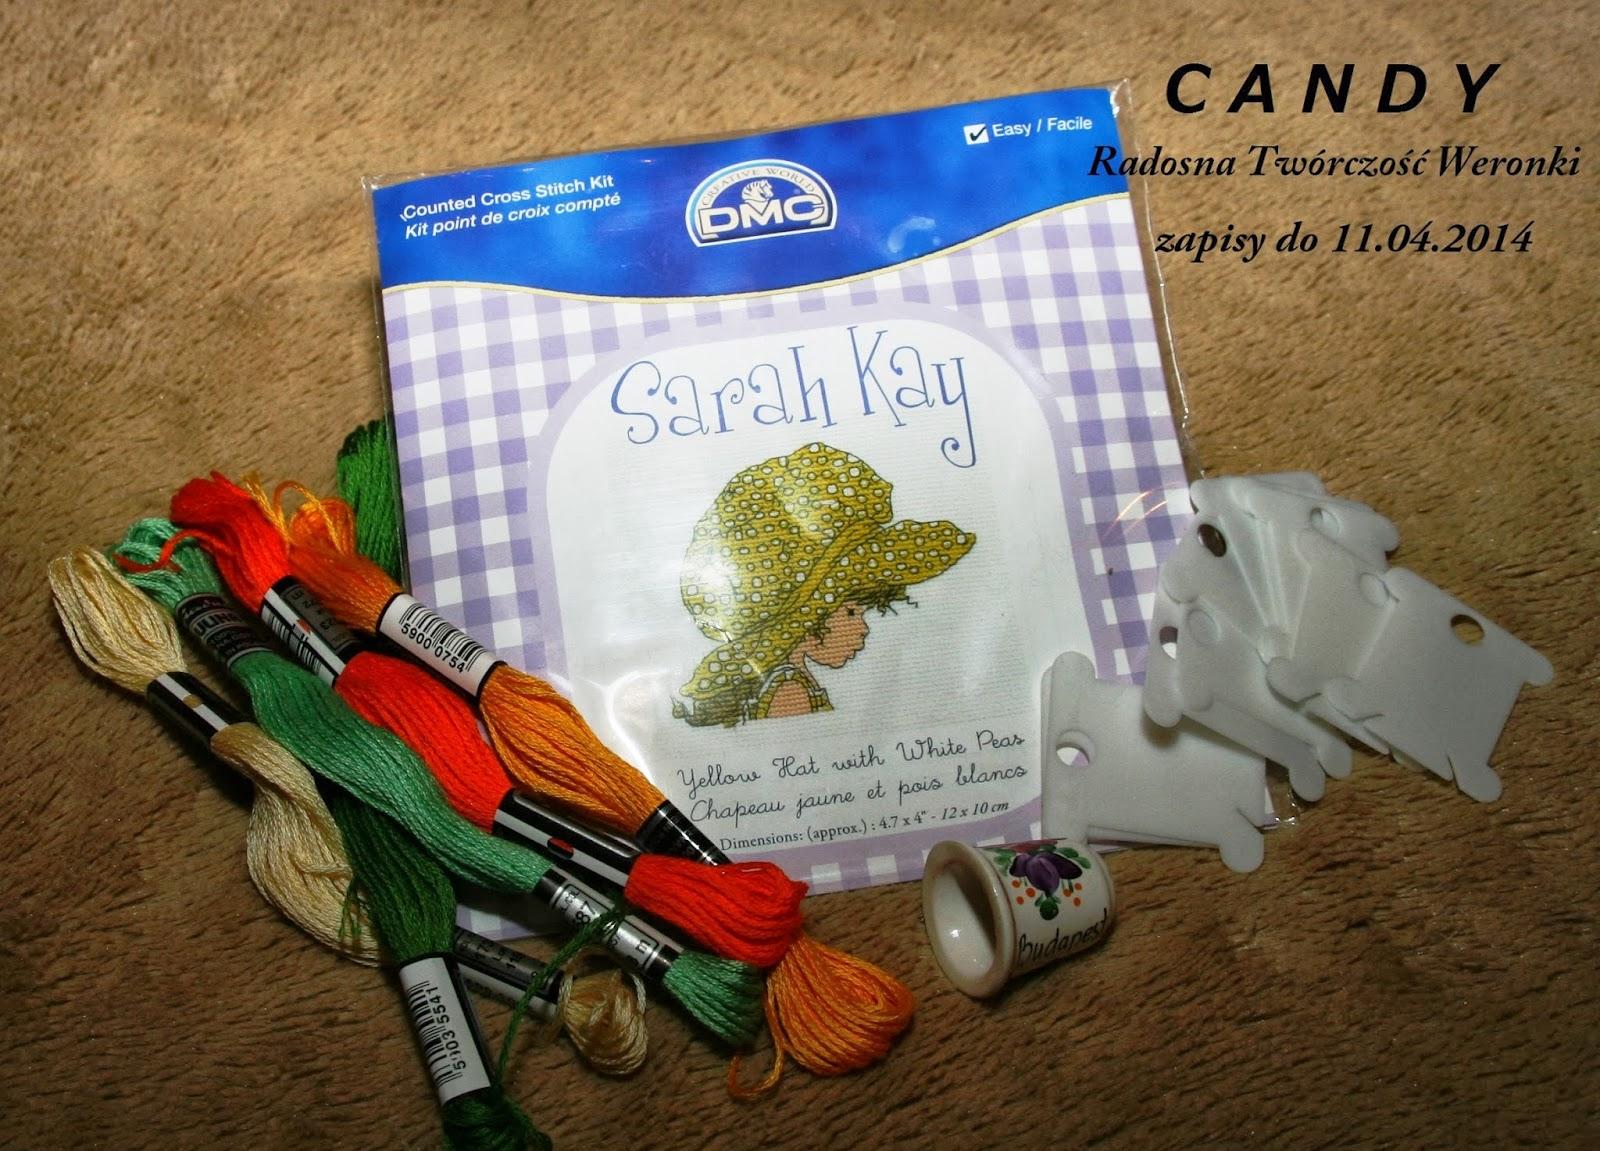 Wygrałam! :) Radosna twórczość Weronki - Candy [11.04.2014]